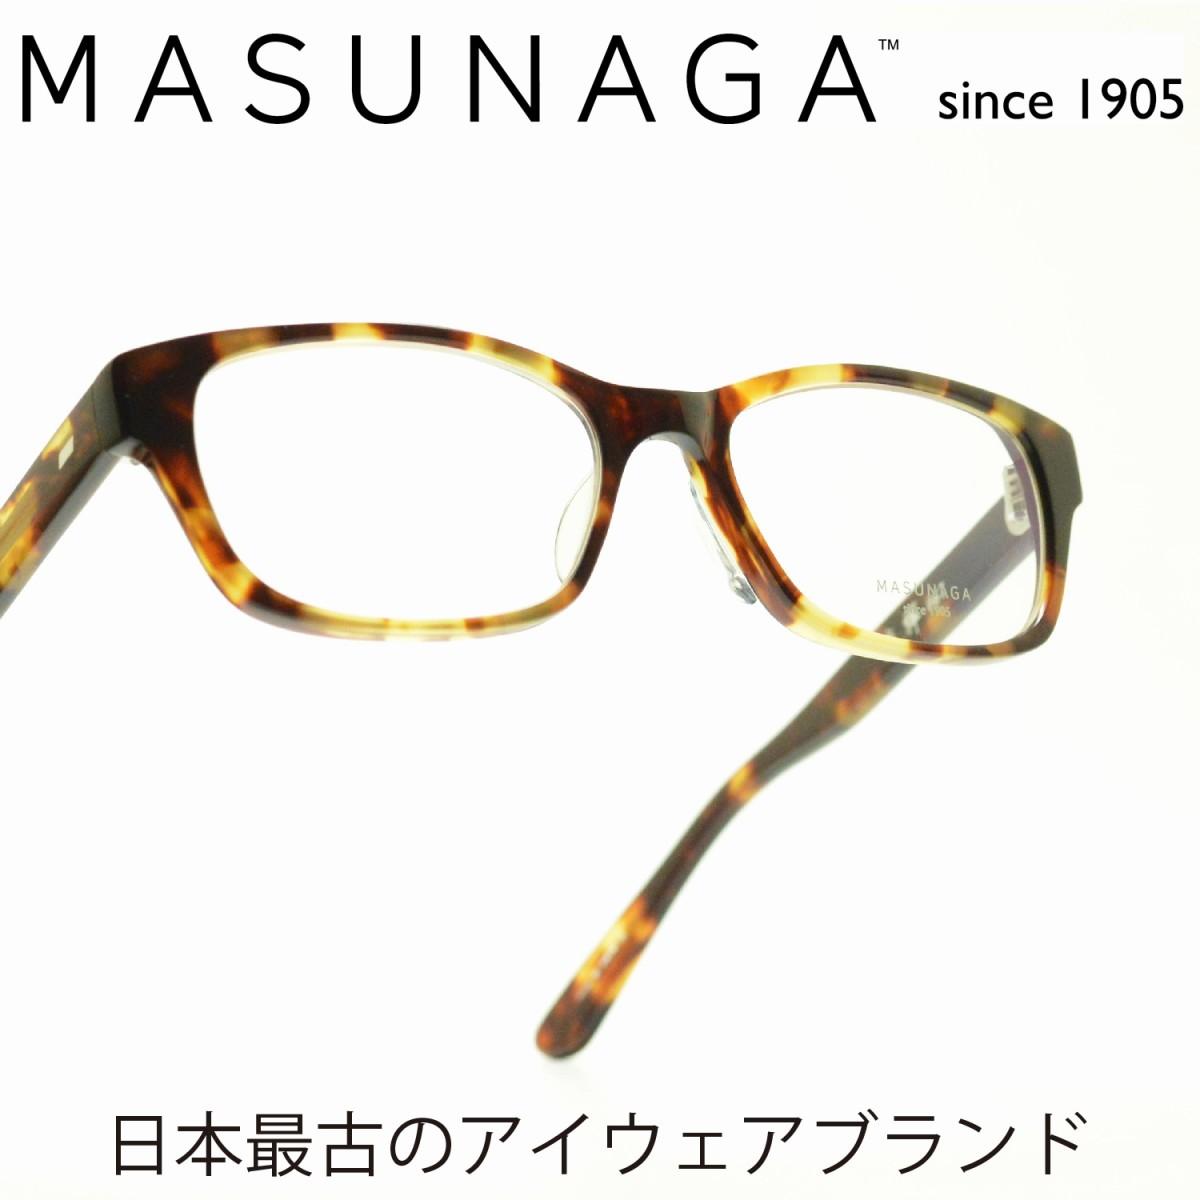 増永眼鏡 MASUNAGA 光輝 067 col-13 DEMIメガネ 眼鏡 めがね メンズ レディース おしゃれ ブランド 人気 おすすめ フレーム 流行り 度付き レンズ